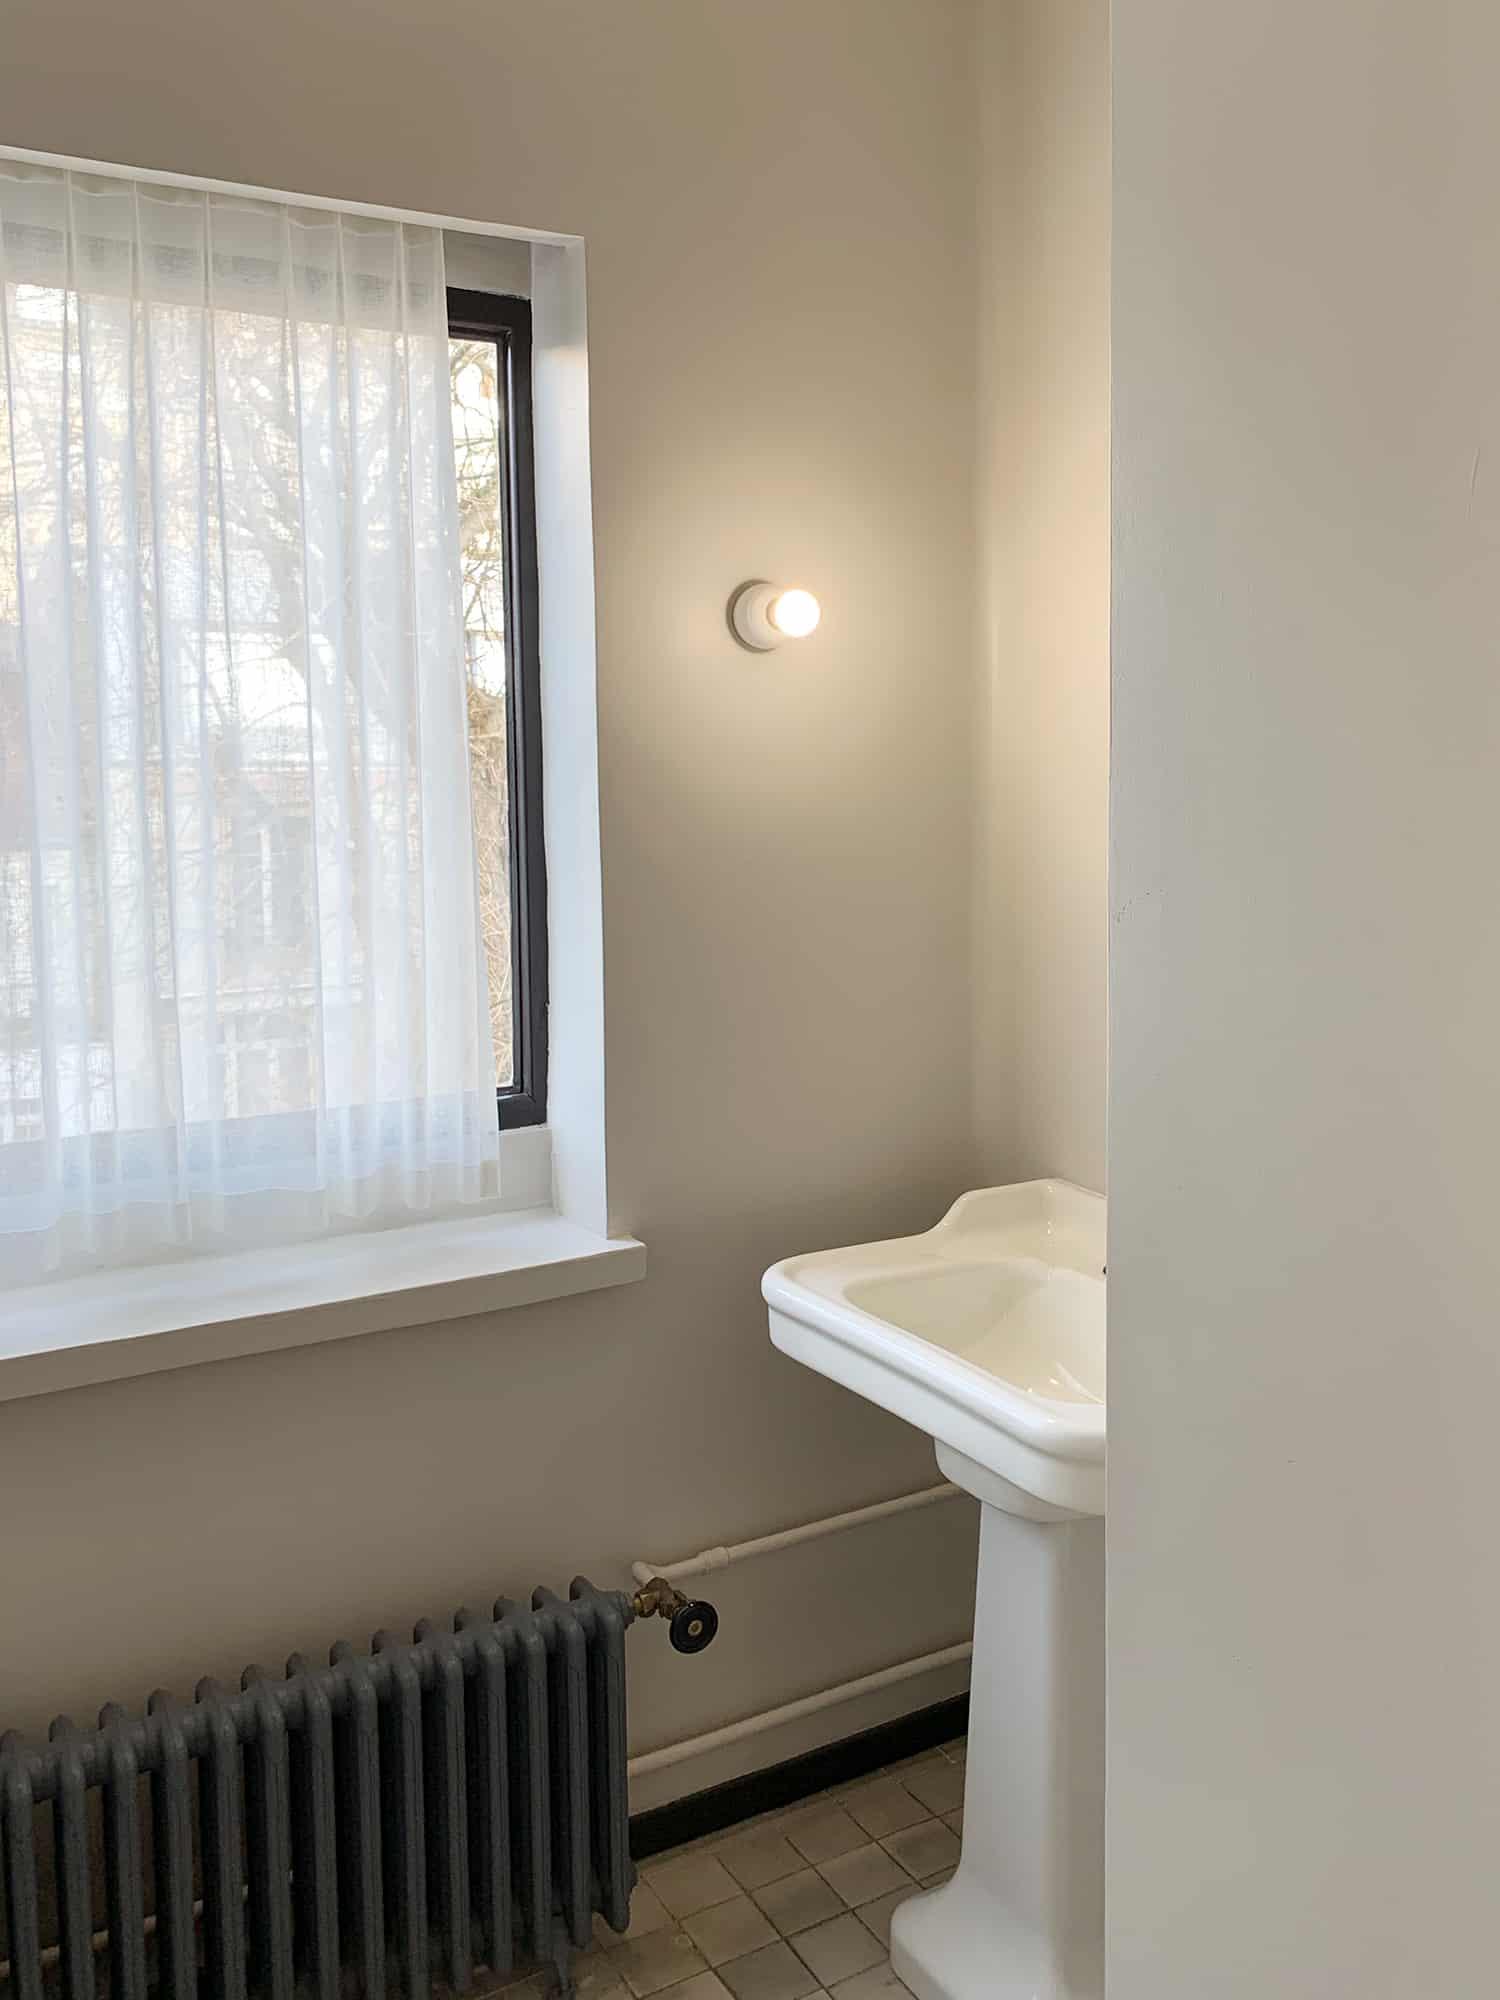 Visite Maison La Roche - Le Corbusier - Salle de bains